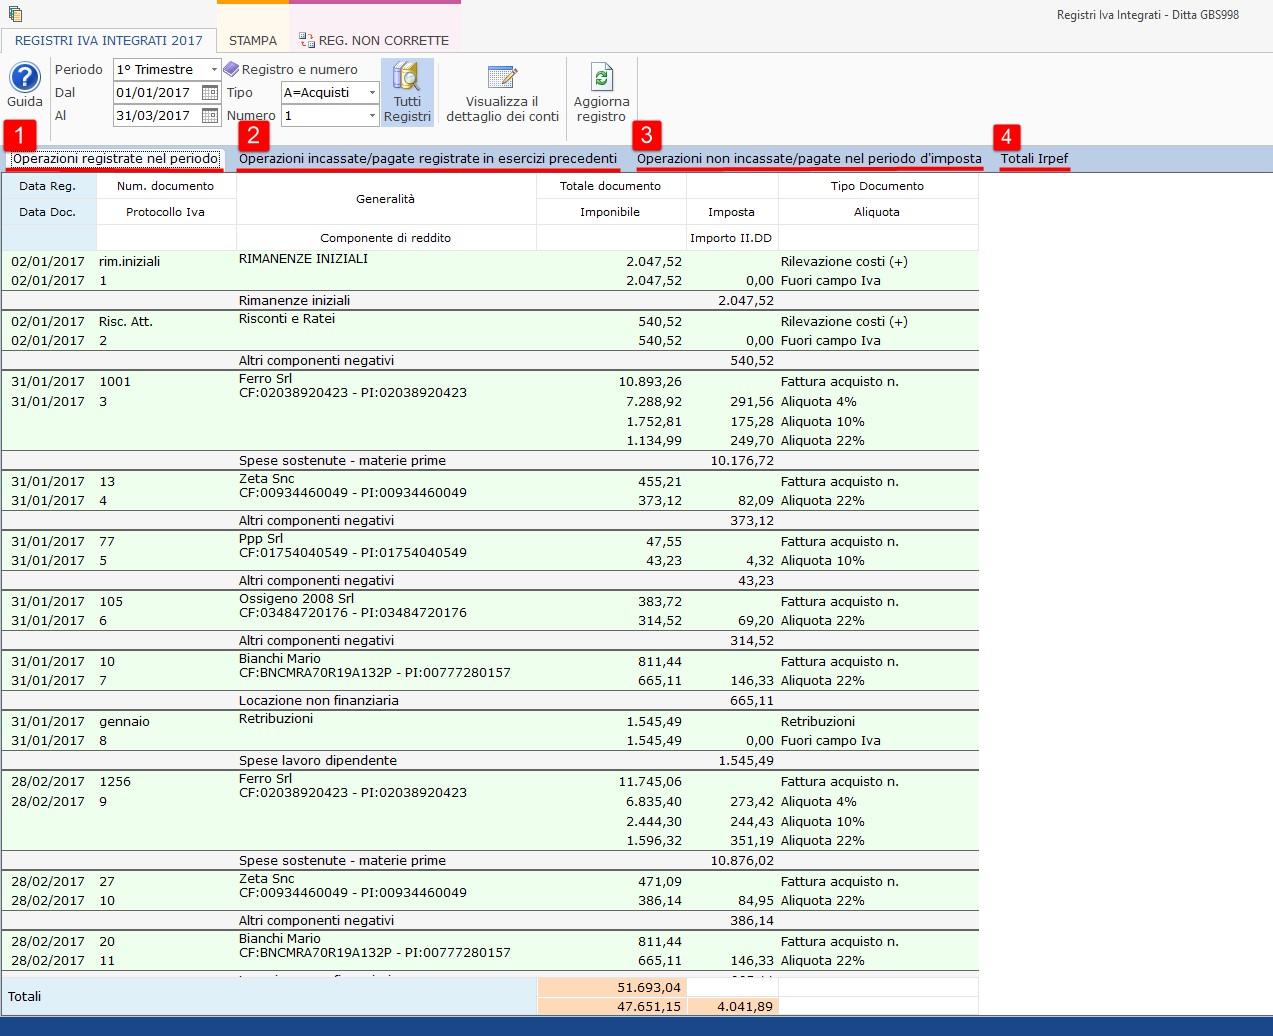 Contabilità Semplificata: Registri IVA integrati - 3